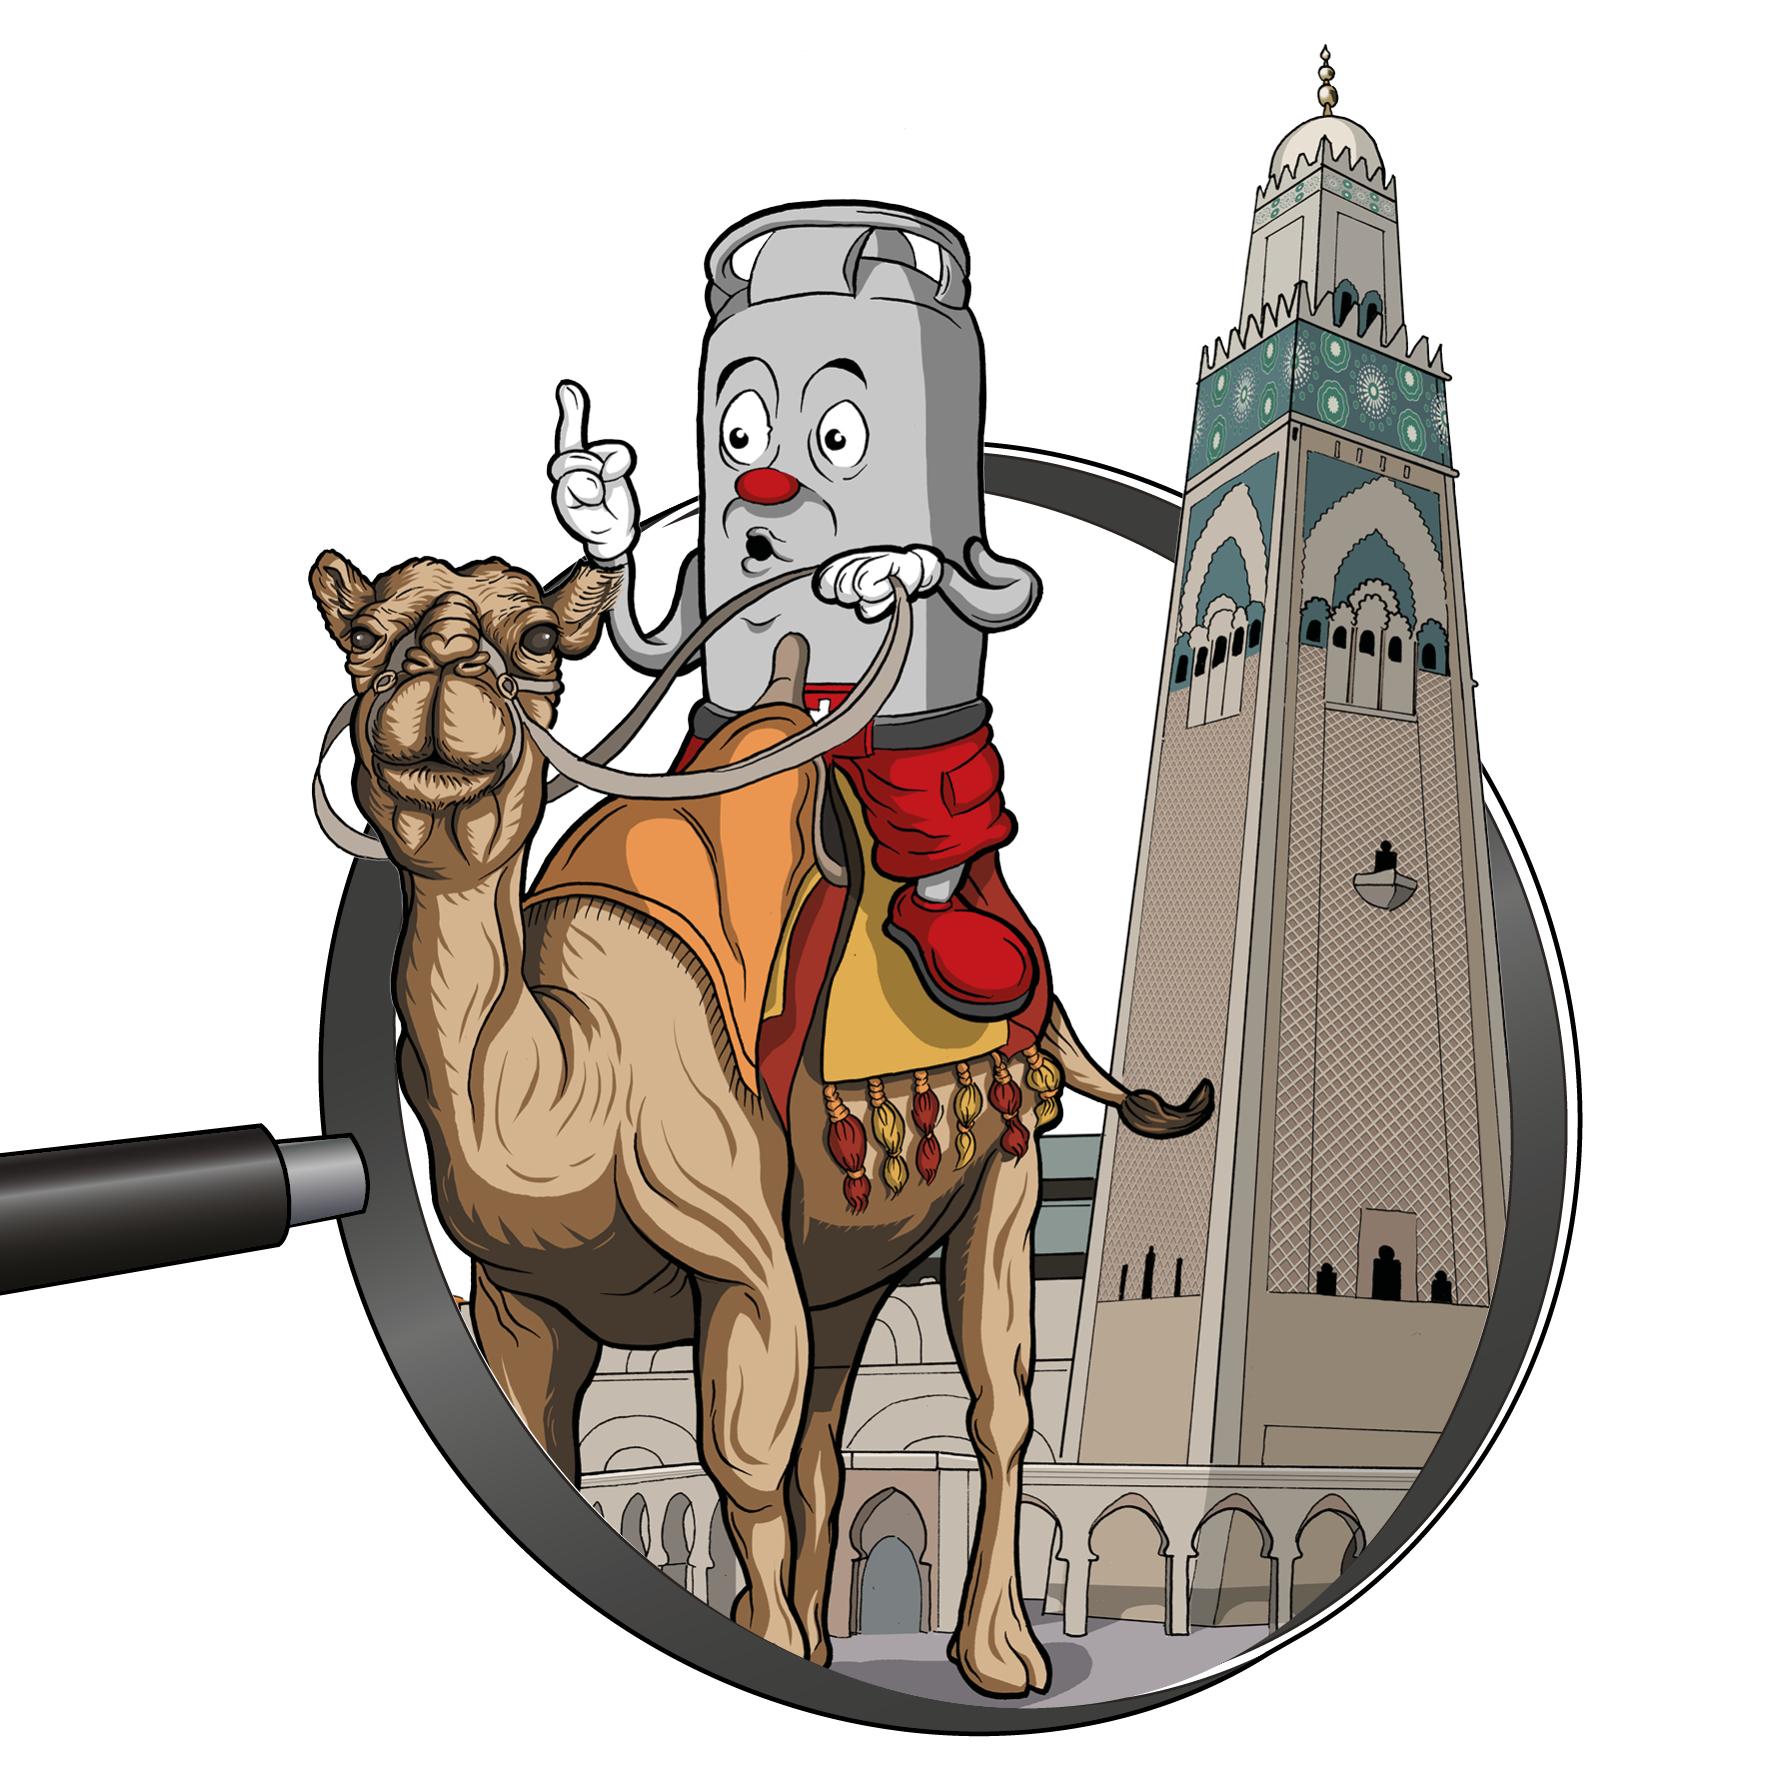 Zeichnung / Illustration: Viti auf Kamel in Marokko vor dem Turm von Djemaa el Fna